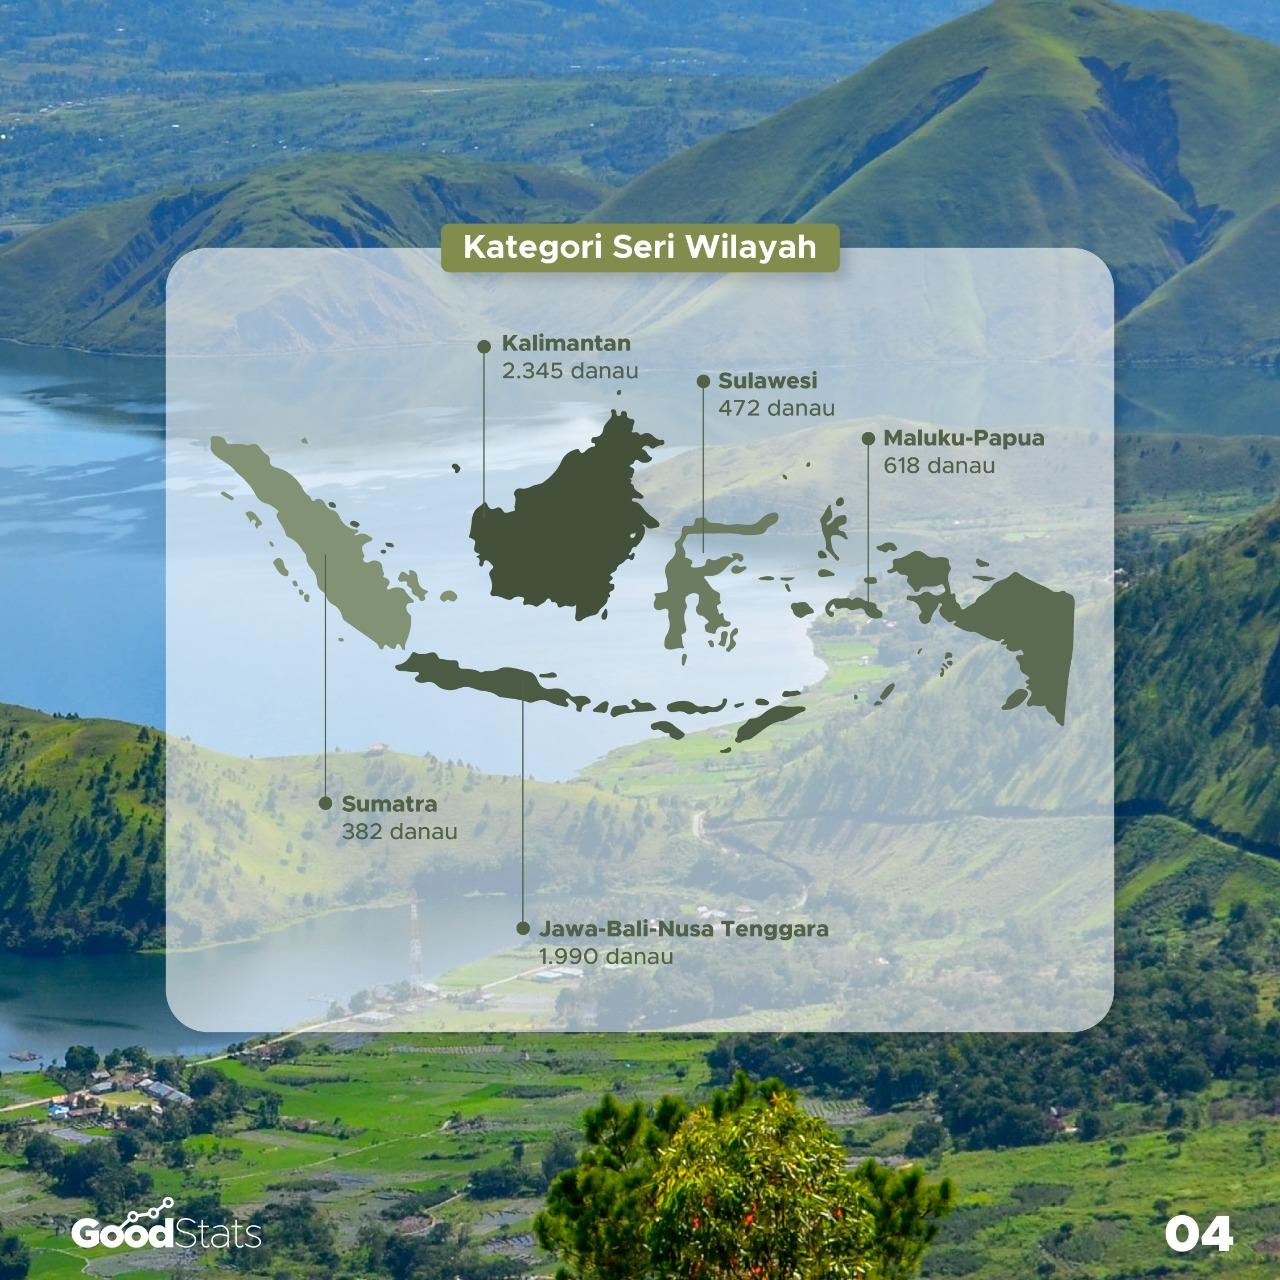 Jumlah danau di masing-masing wilayah | Foto : GoodStats